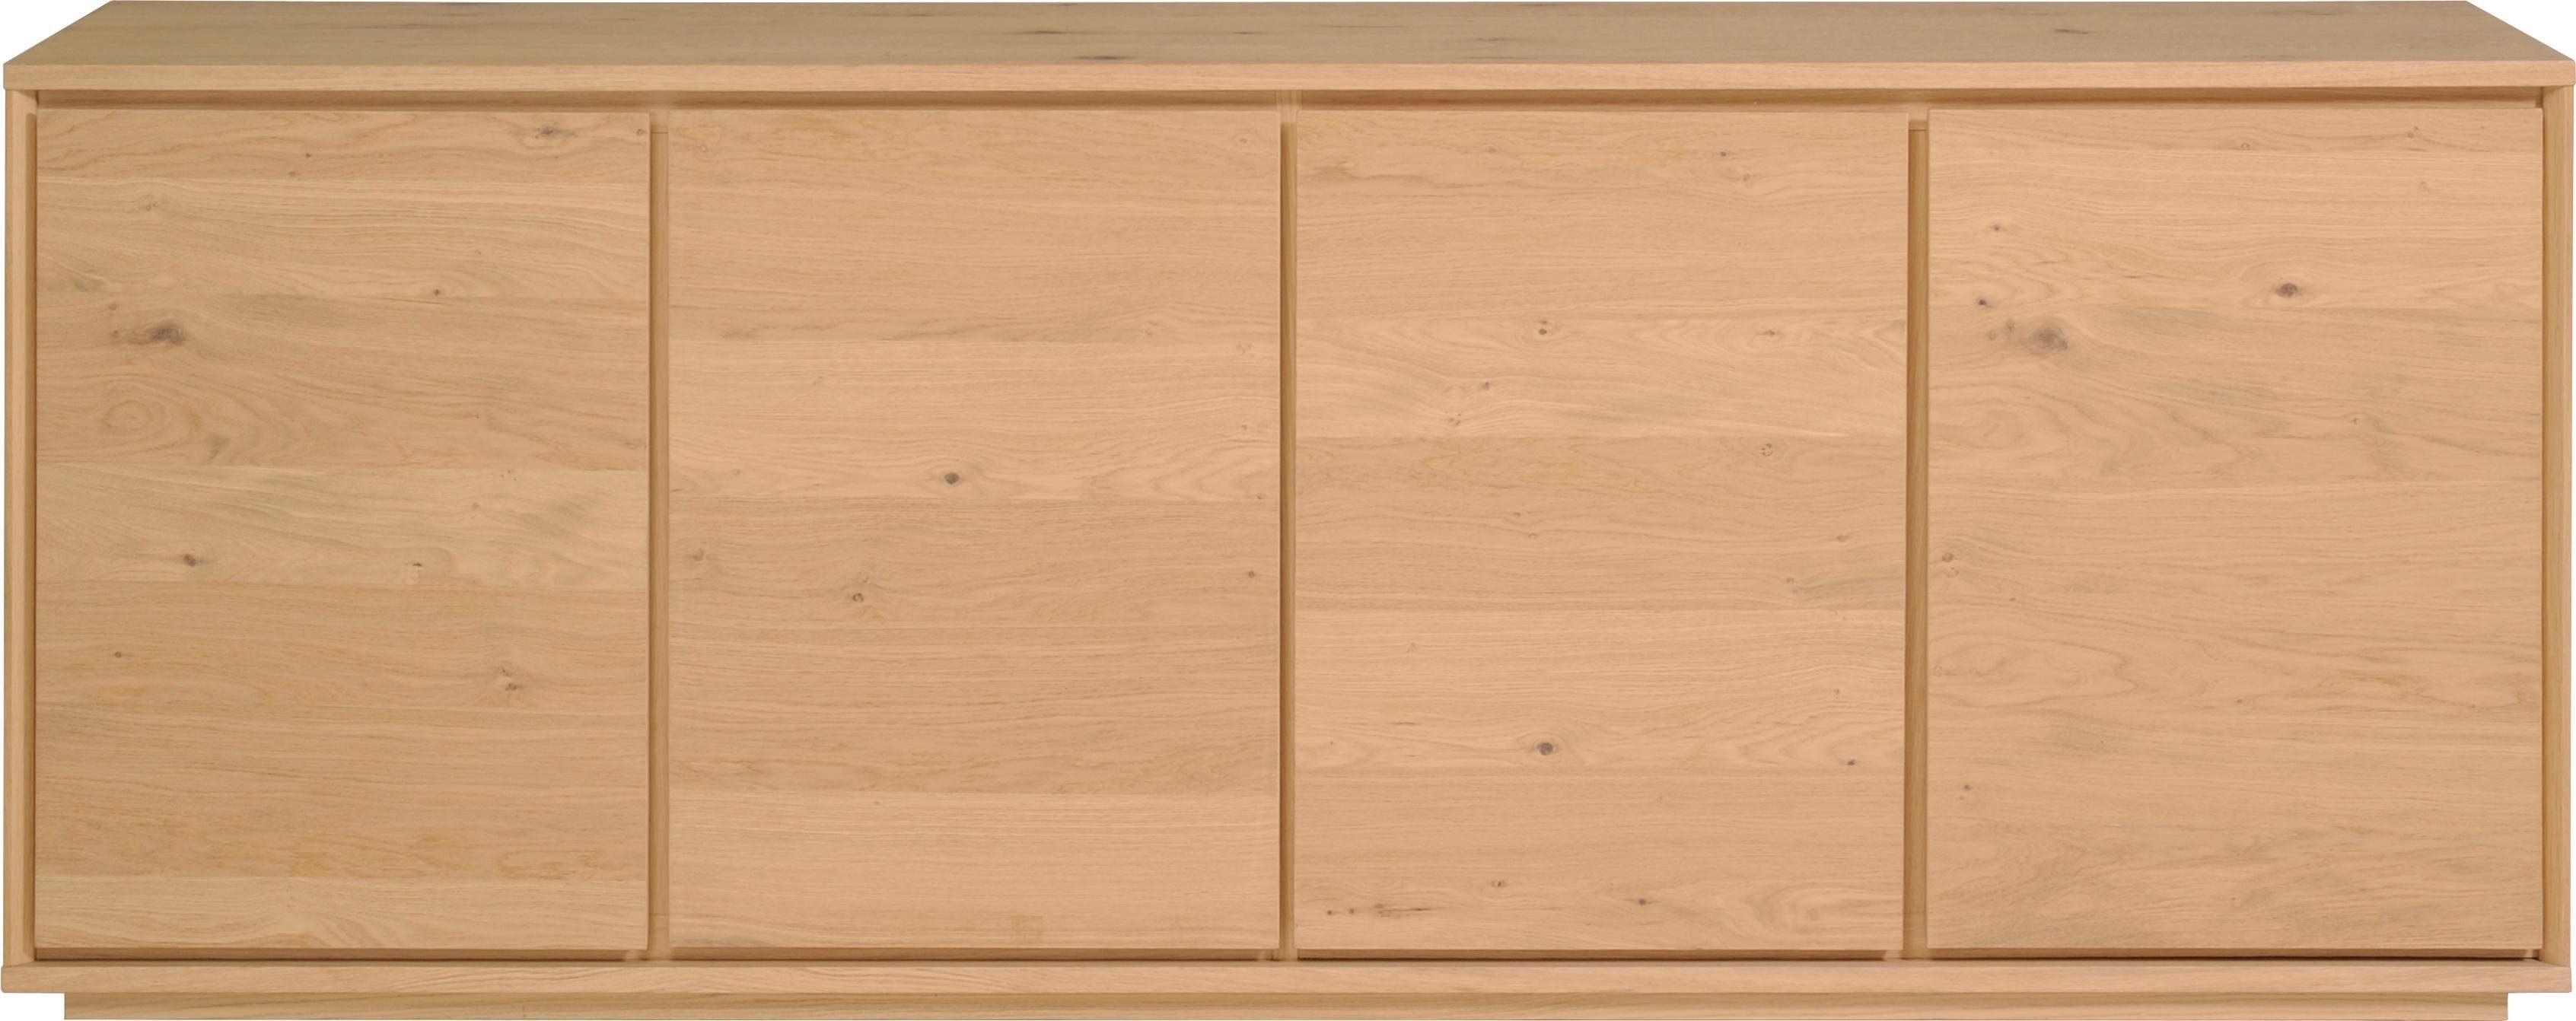 Home affaire Sideboard »Stockholm« 4-türig, mit schönem Fußuntergestell, Breite 217 cm